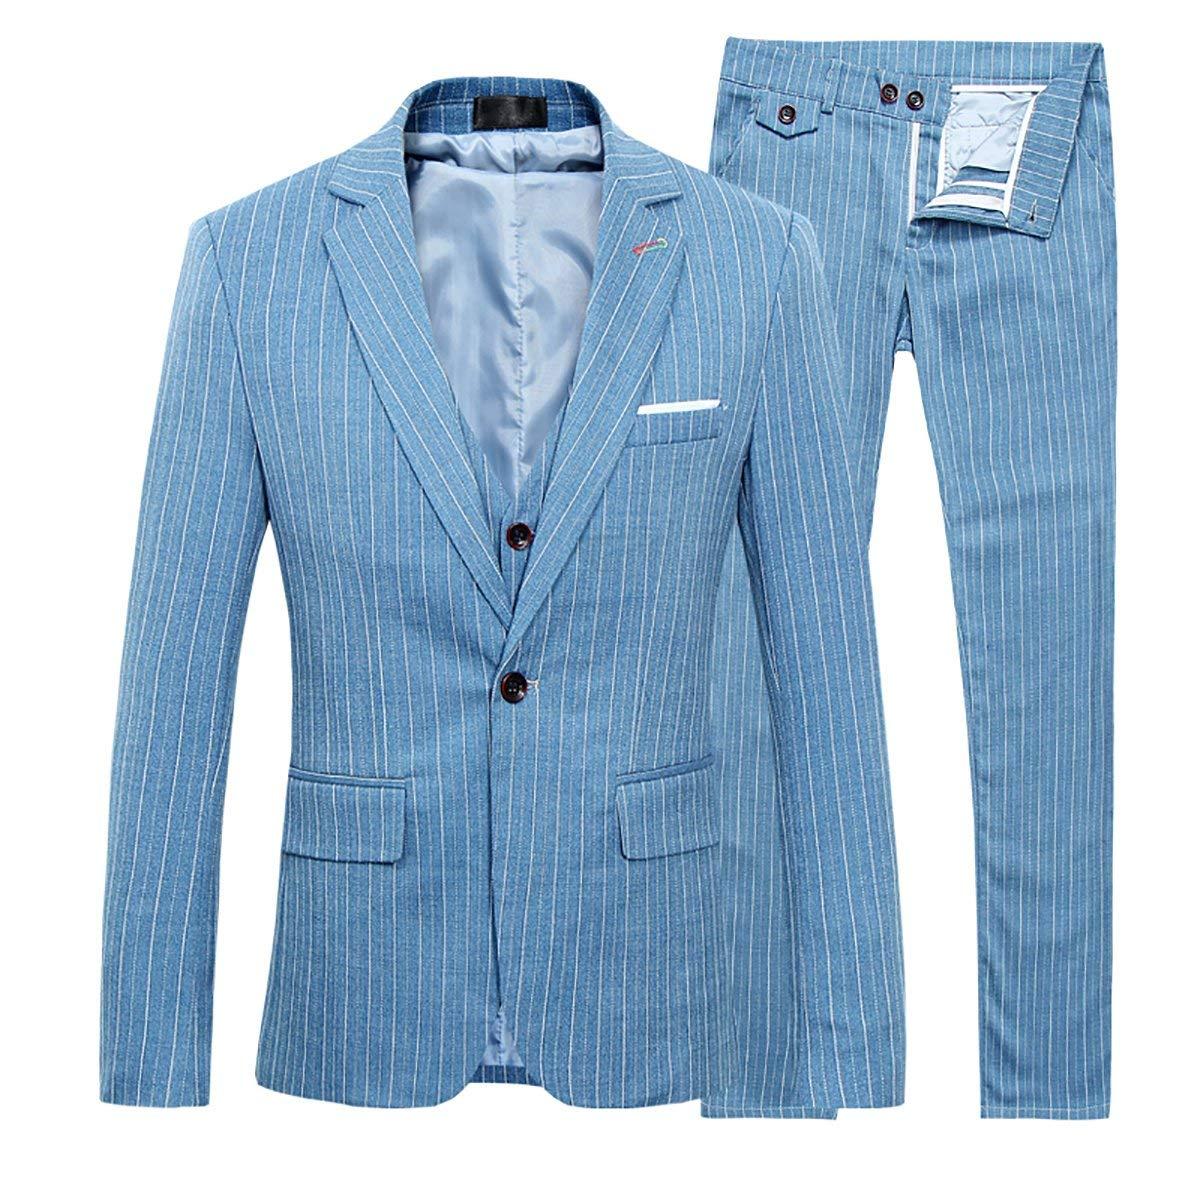 Men's Stripe Center Vents One Button 3-Piece Suit Blazer Jacket Tux Vest & Trousers Blue by Cloudstyle